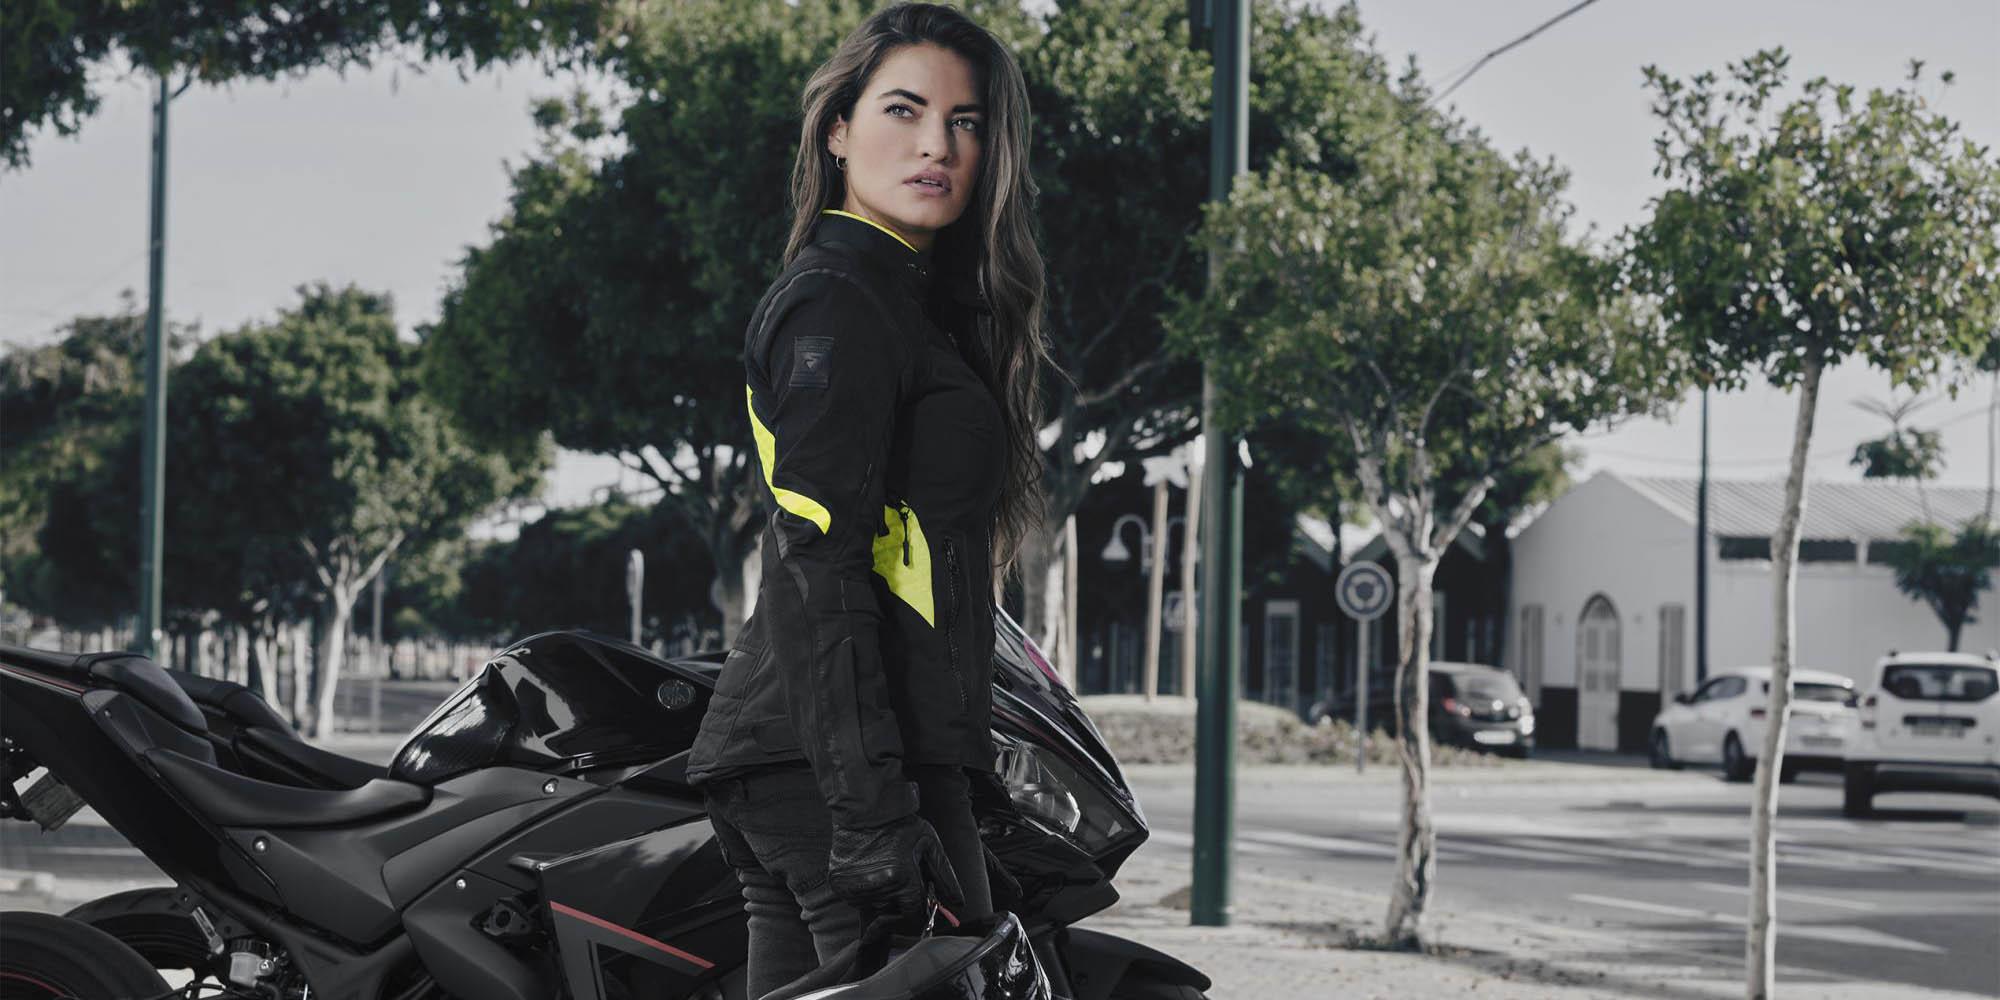 Женская куртка SHIMA RUSH LADY текстильная для мотоциклистов баннер купить по низкой цене